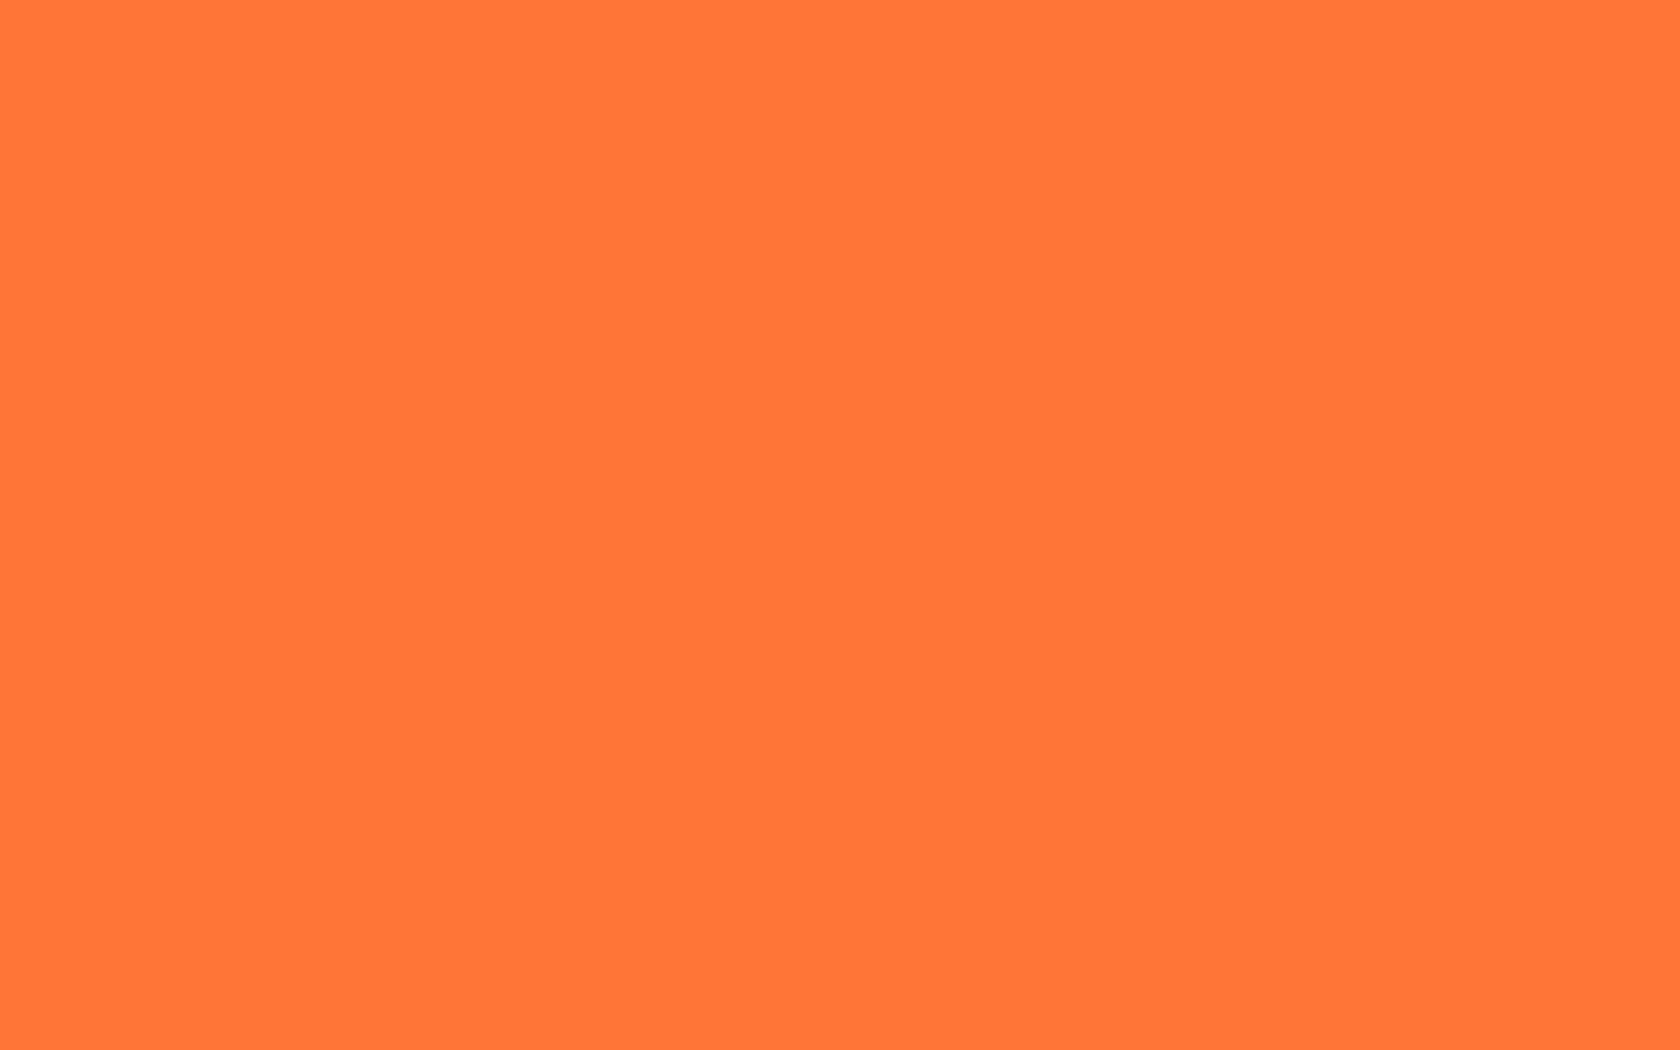 1680x1050 Orange Crayola Solid Color Background